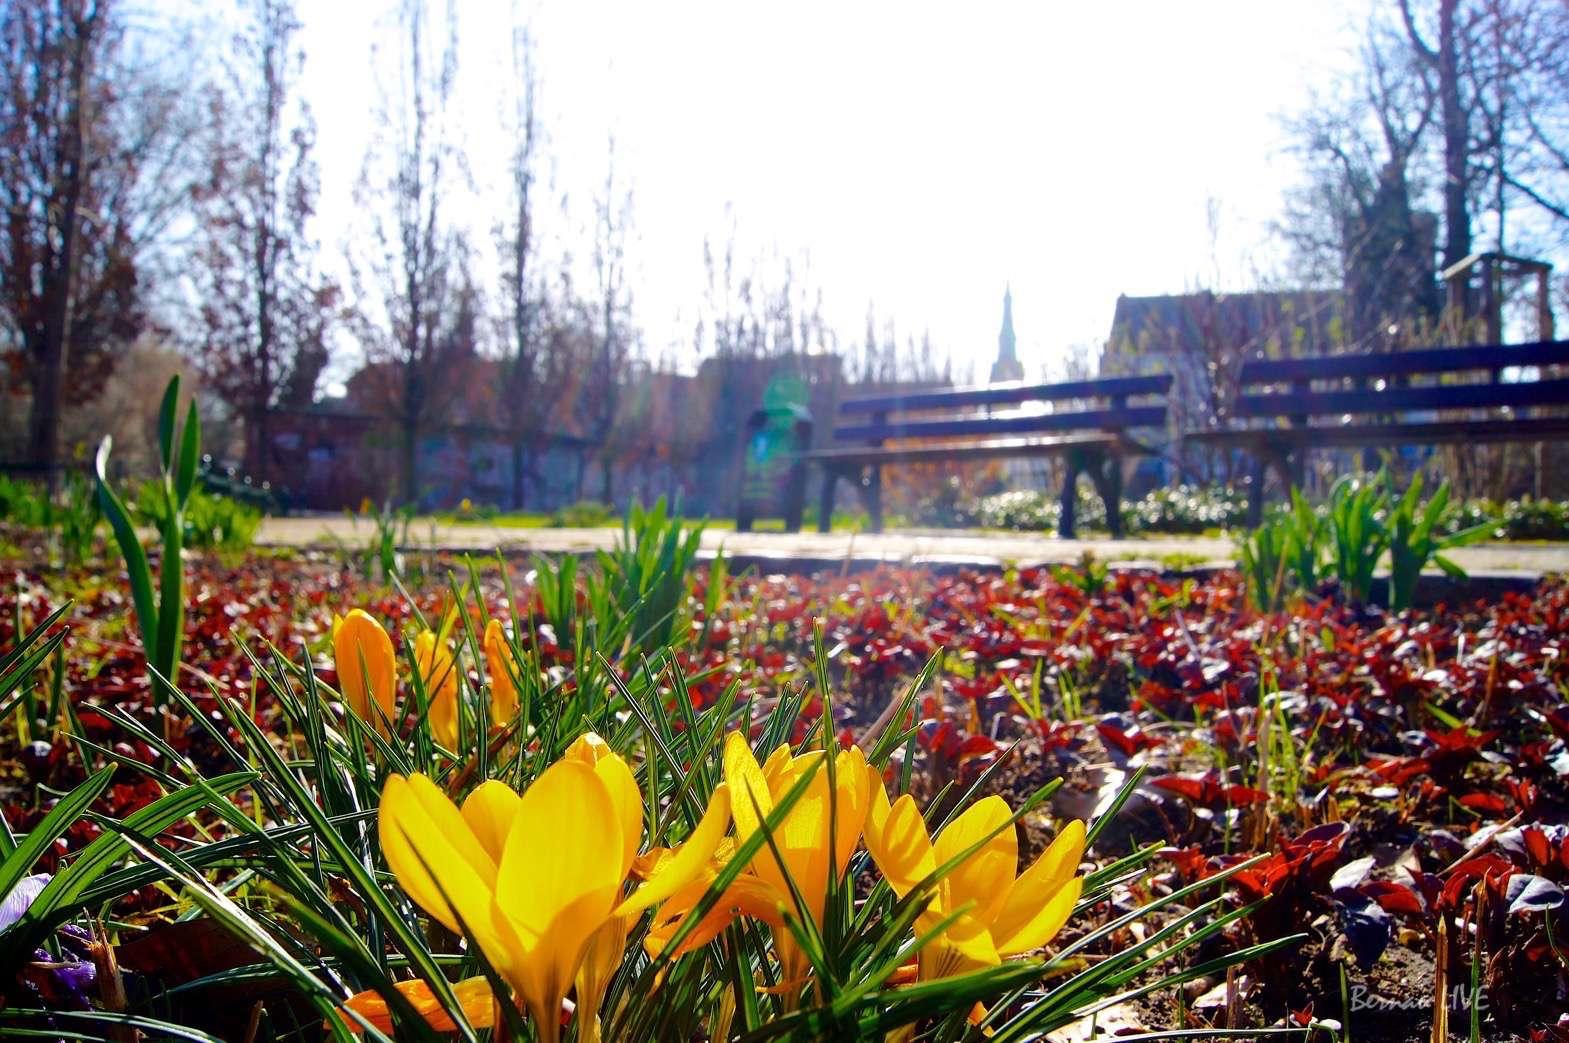 Bernau LIVE wünscht allen ein schönes Wochenende - Veranstaltungen